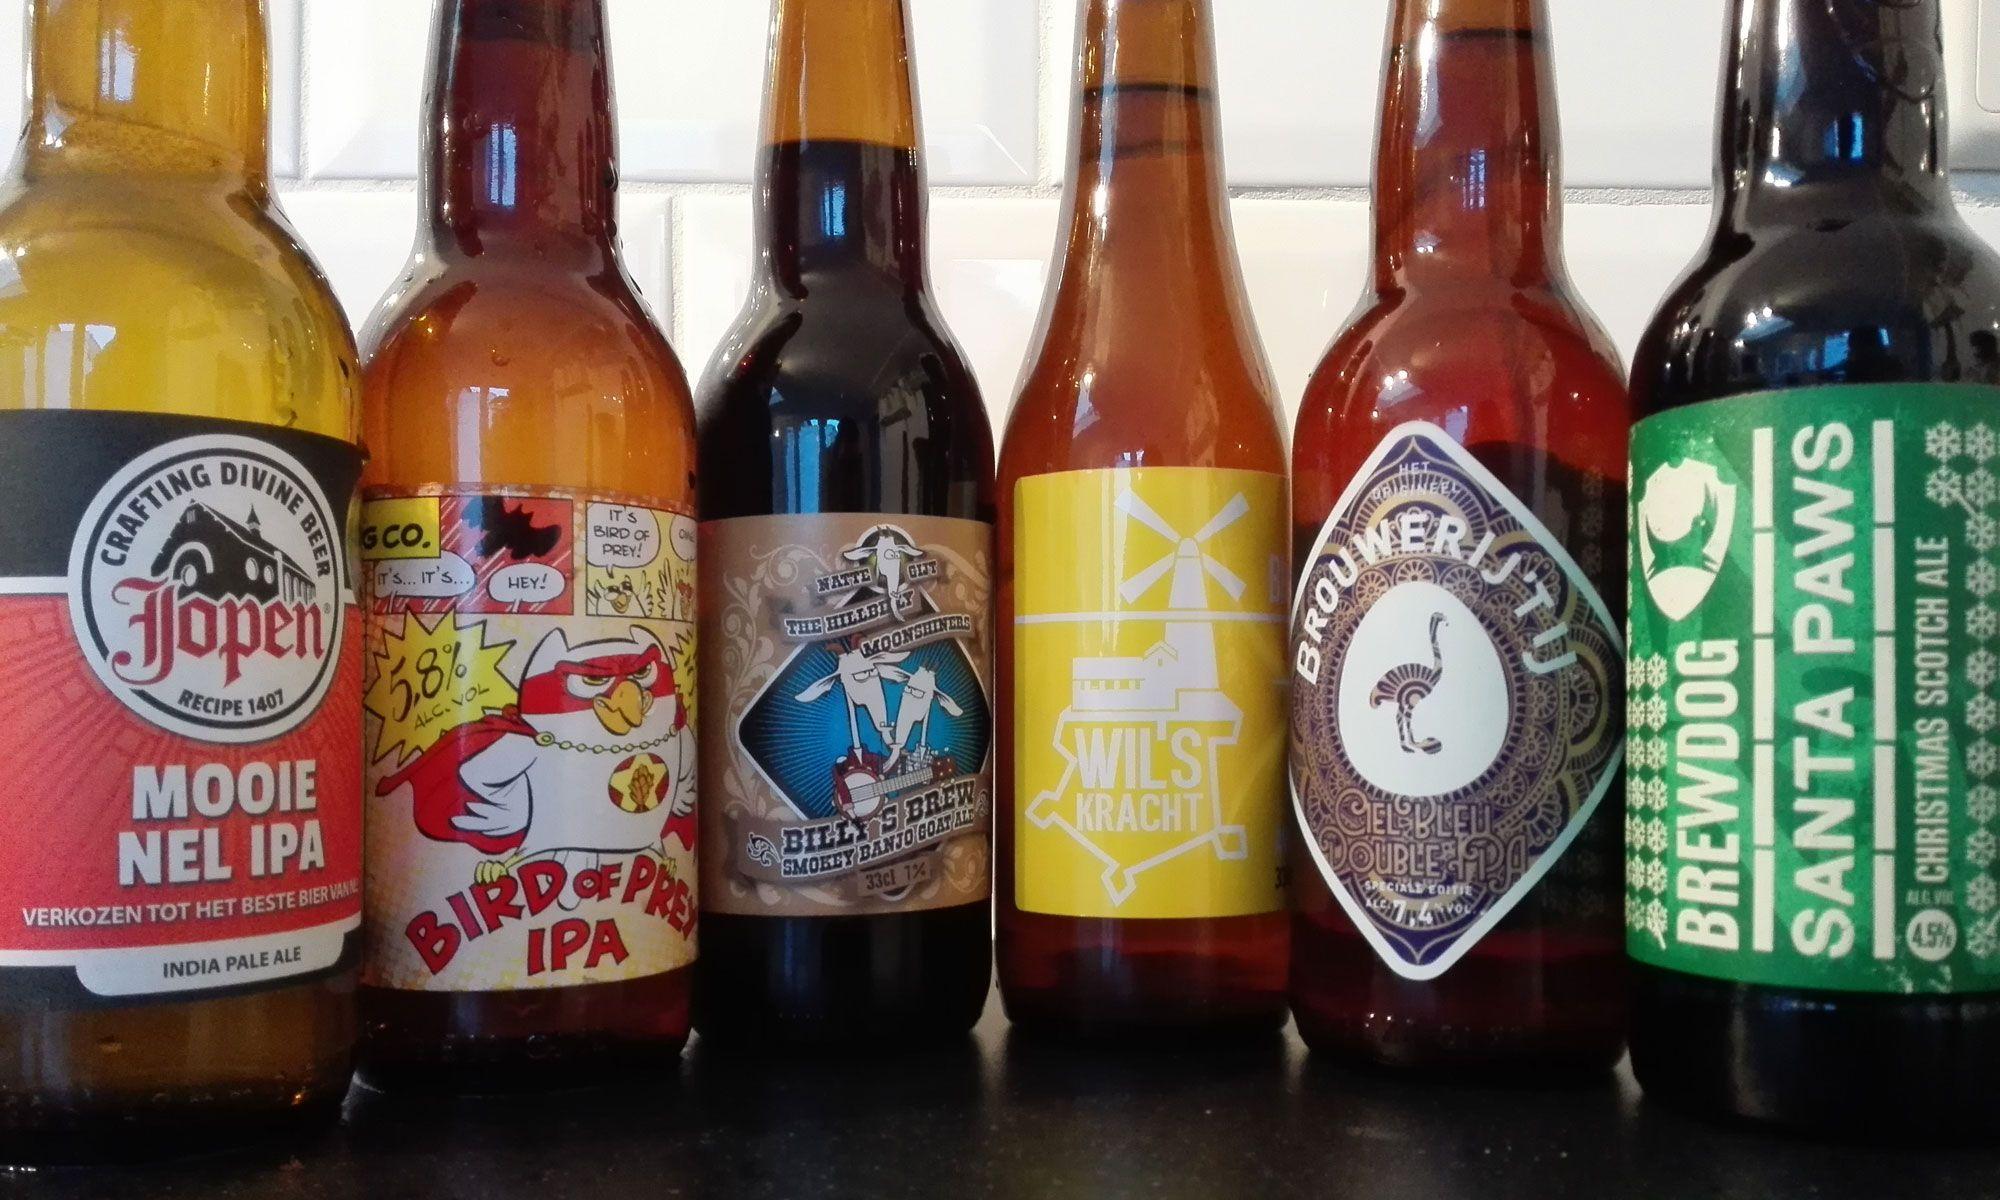 Voorbeeld van bieren gebrouwen door craft beer brouwerijen.